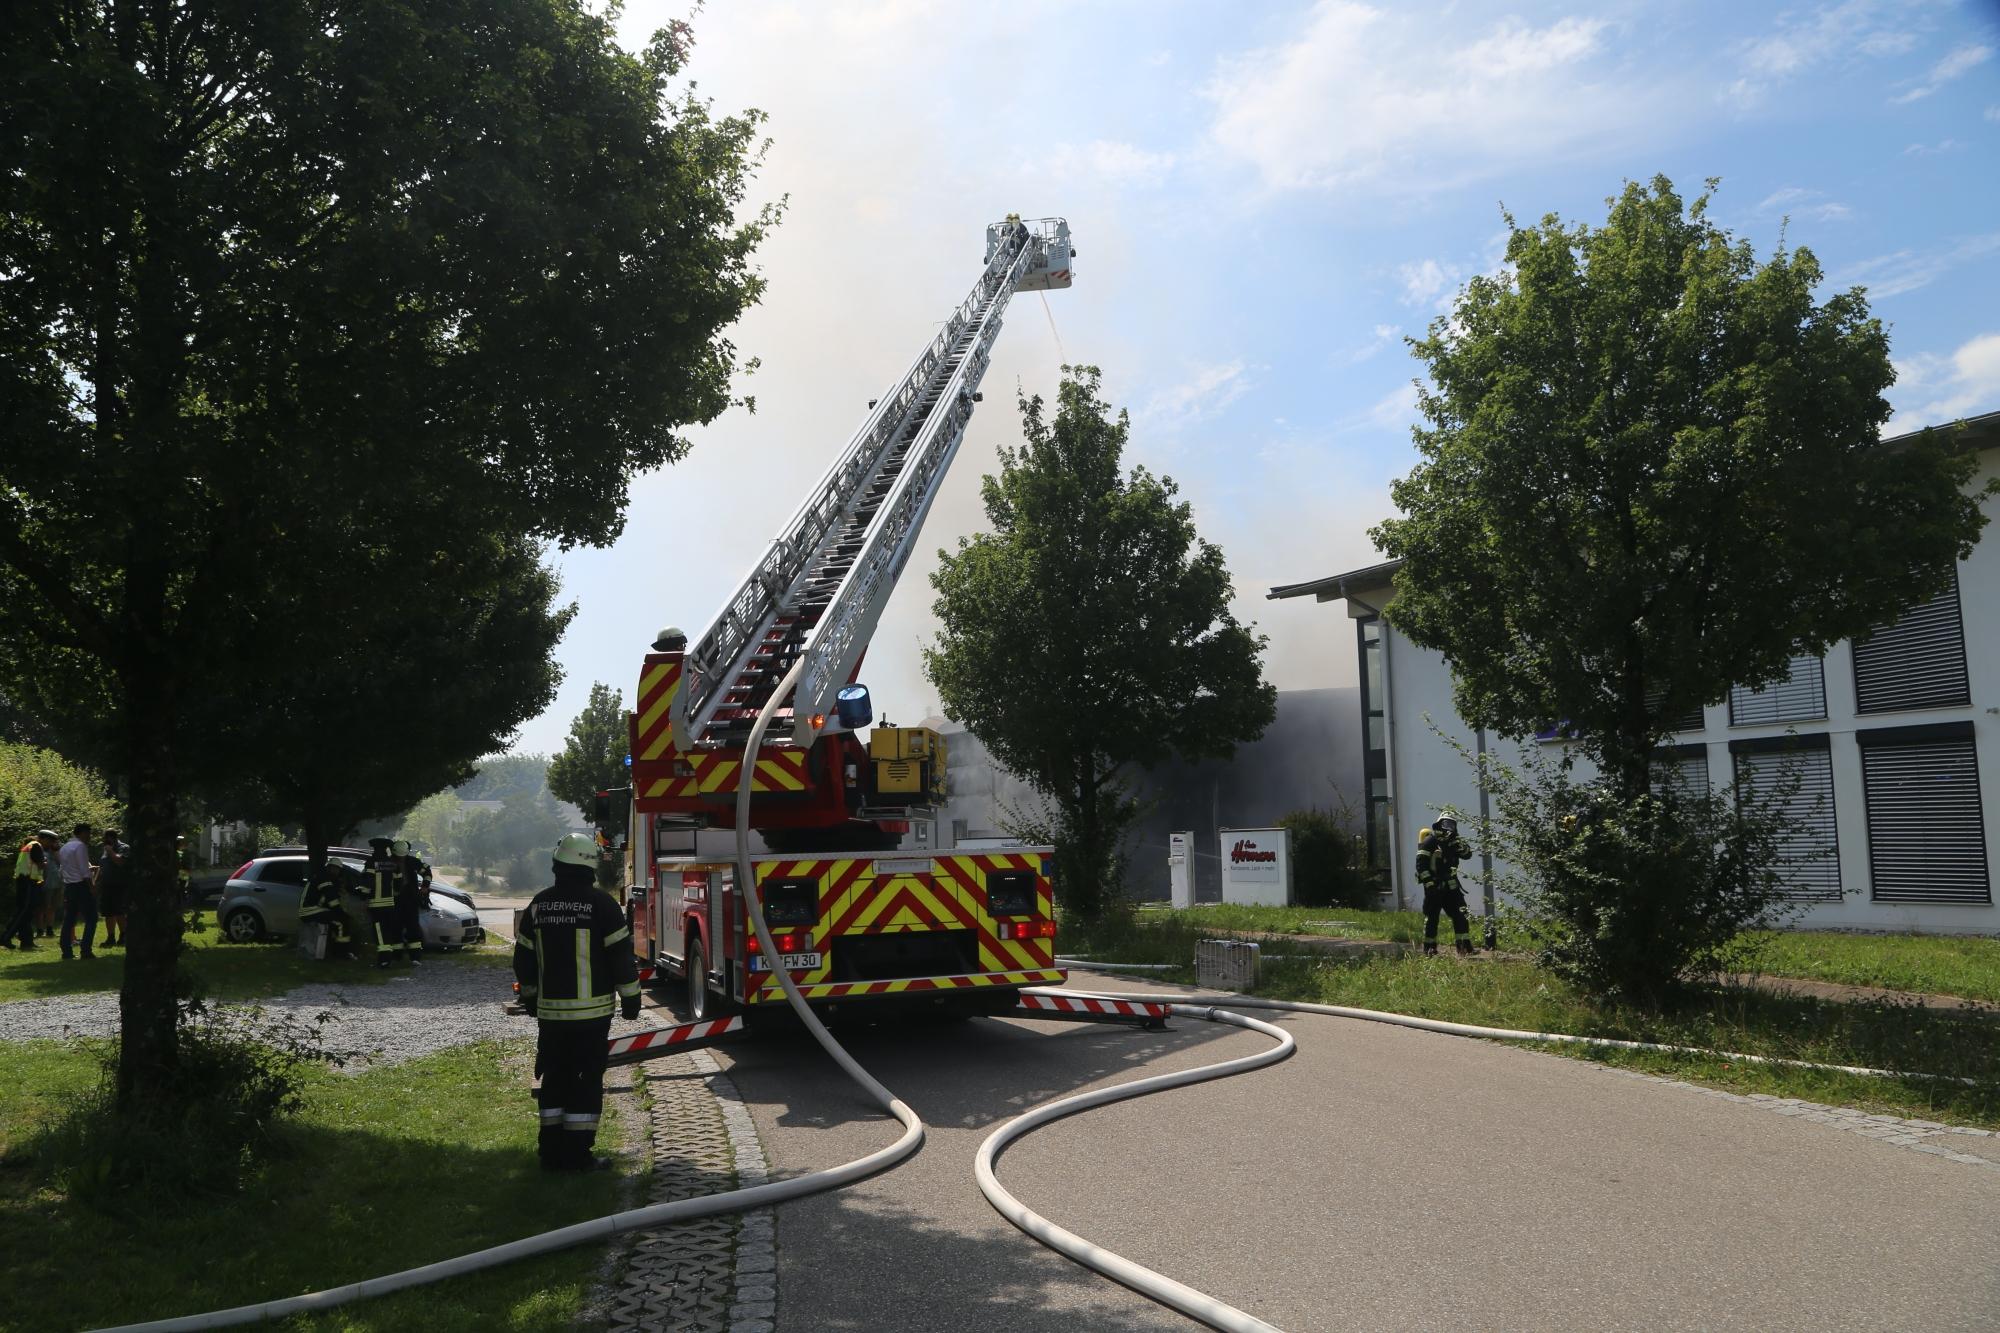 2020-08-10_Kempten_Ursulasried_Band_Halle_lackiererei_Feuerwehr_Poeppel_IMG_9470